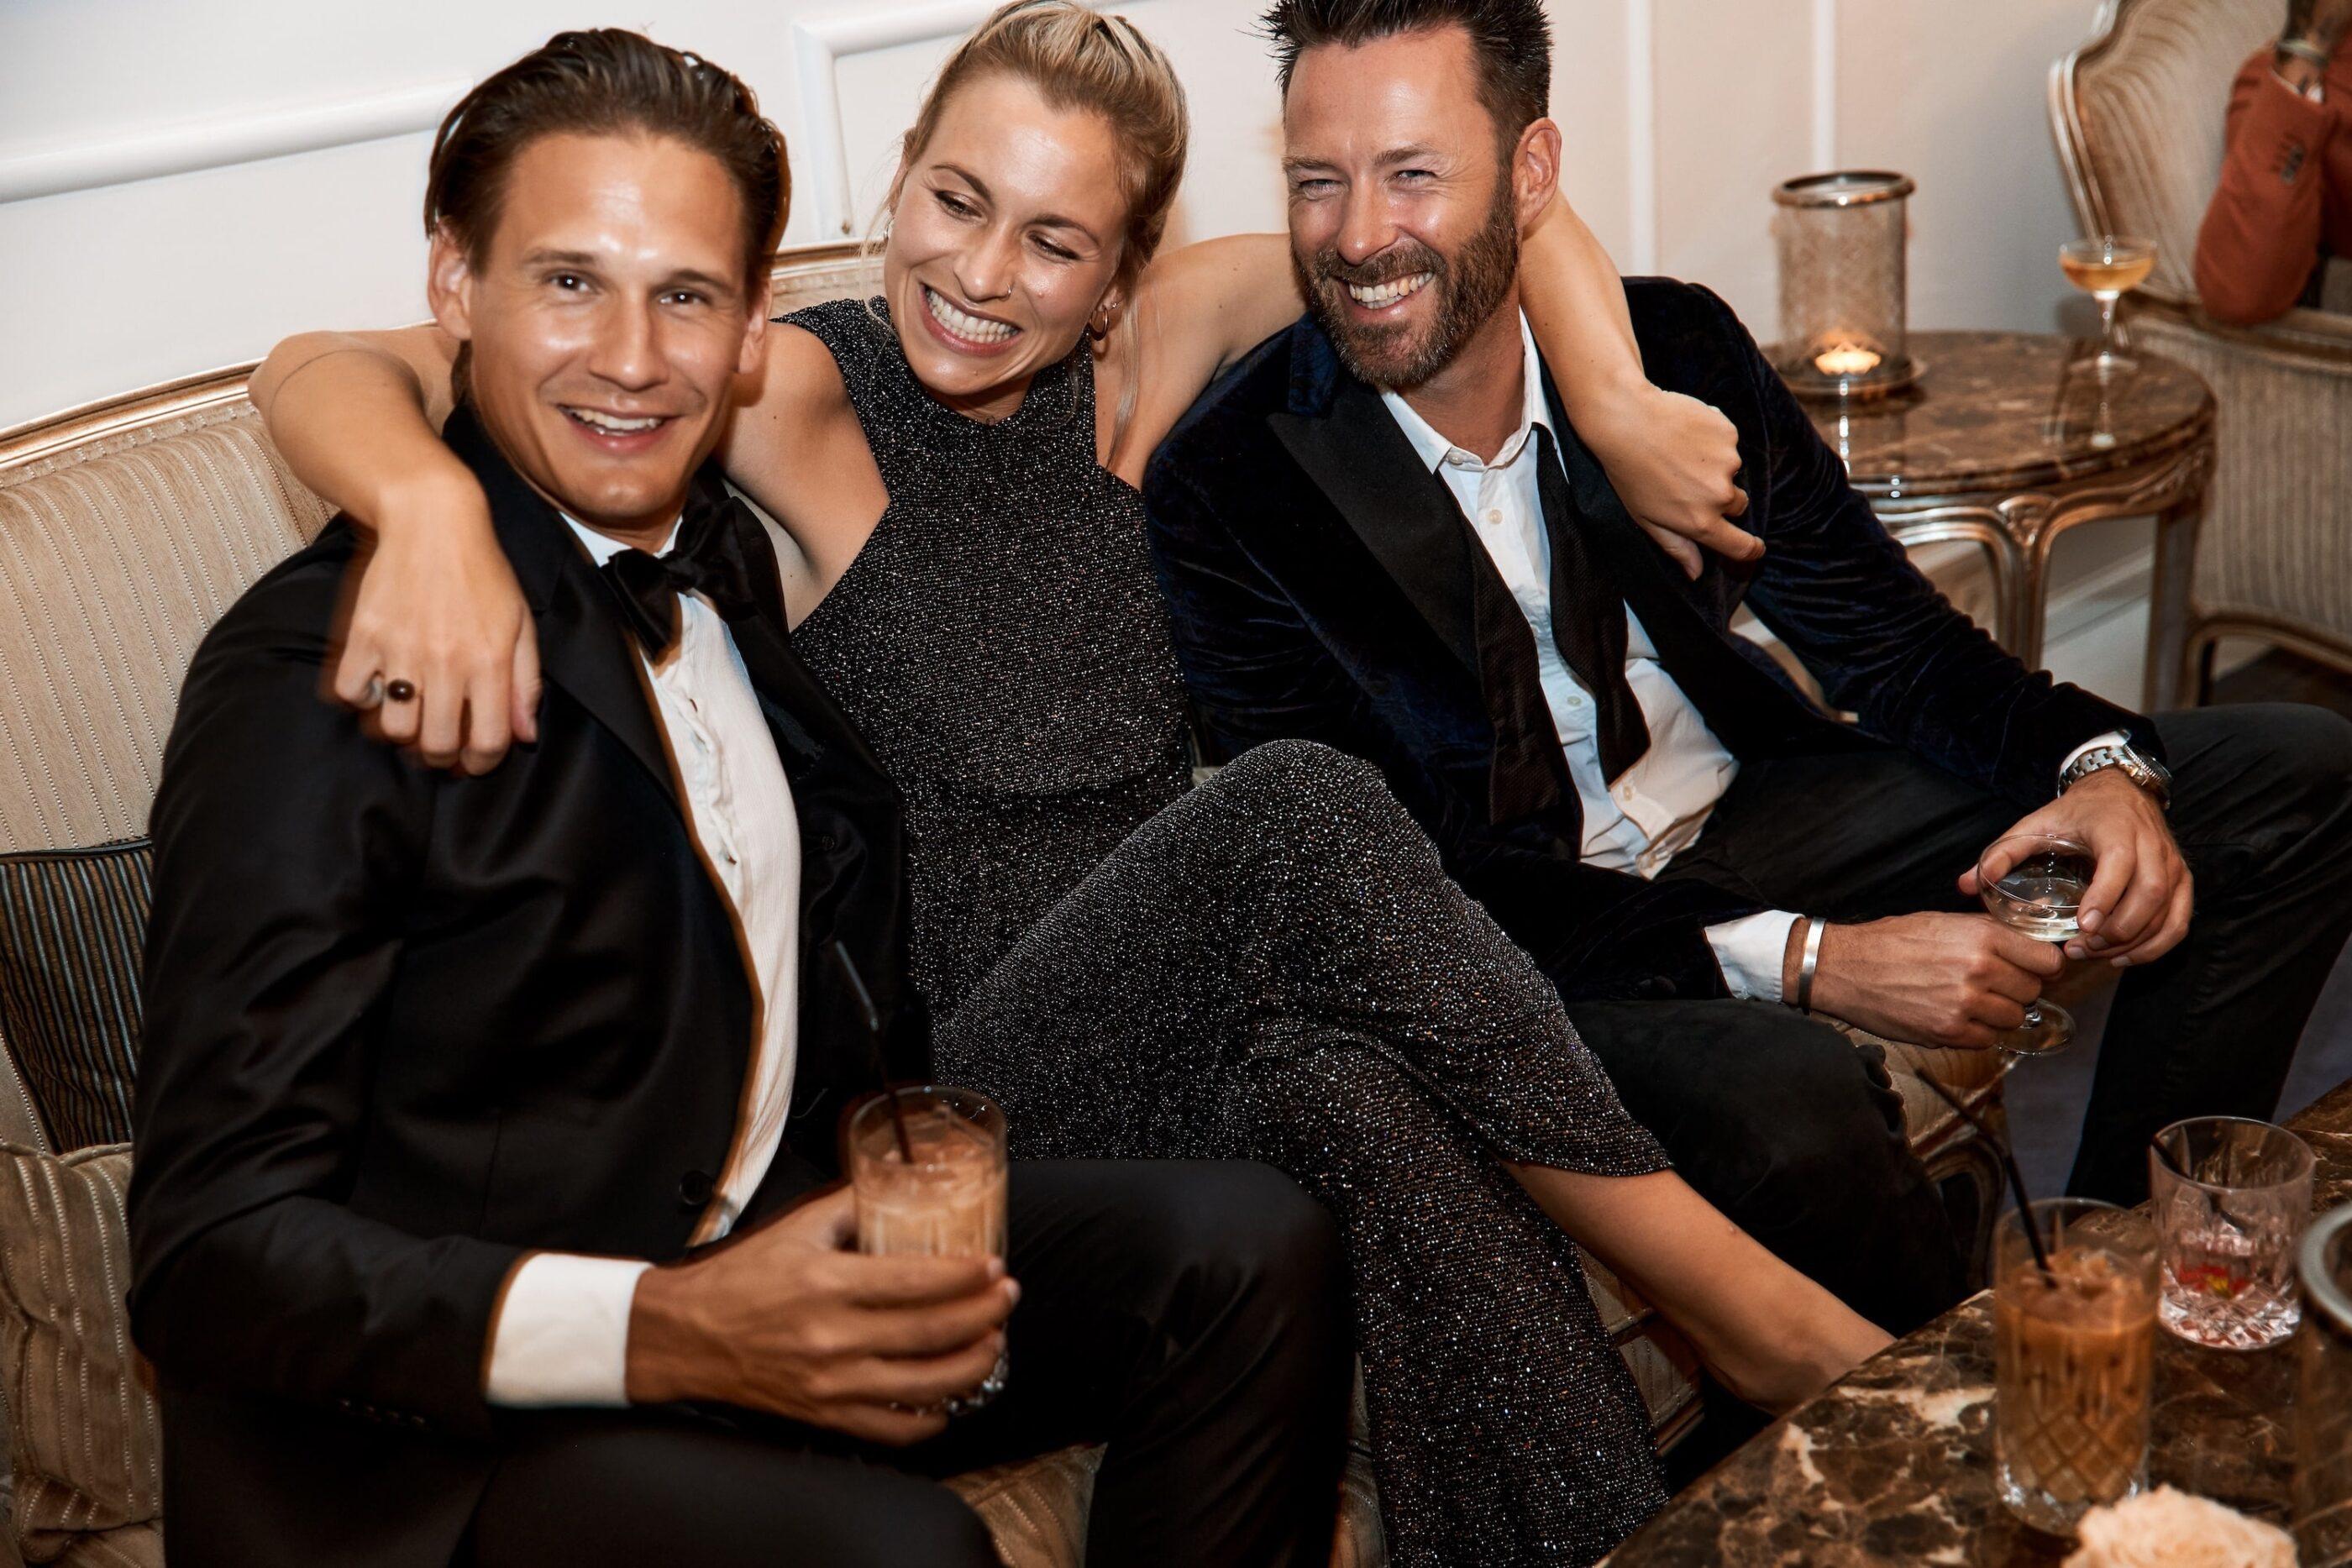 3 mennesker, en kvinde og to mænd, sidder på en sofa med drinks i hånden og hygger og smiler